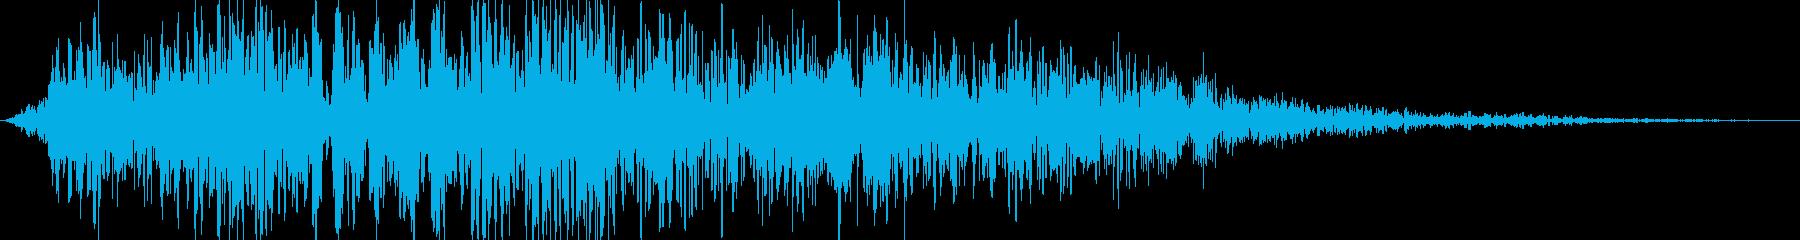 電子スペースコンピューターボタンま...の再生済みの波形